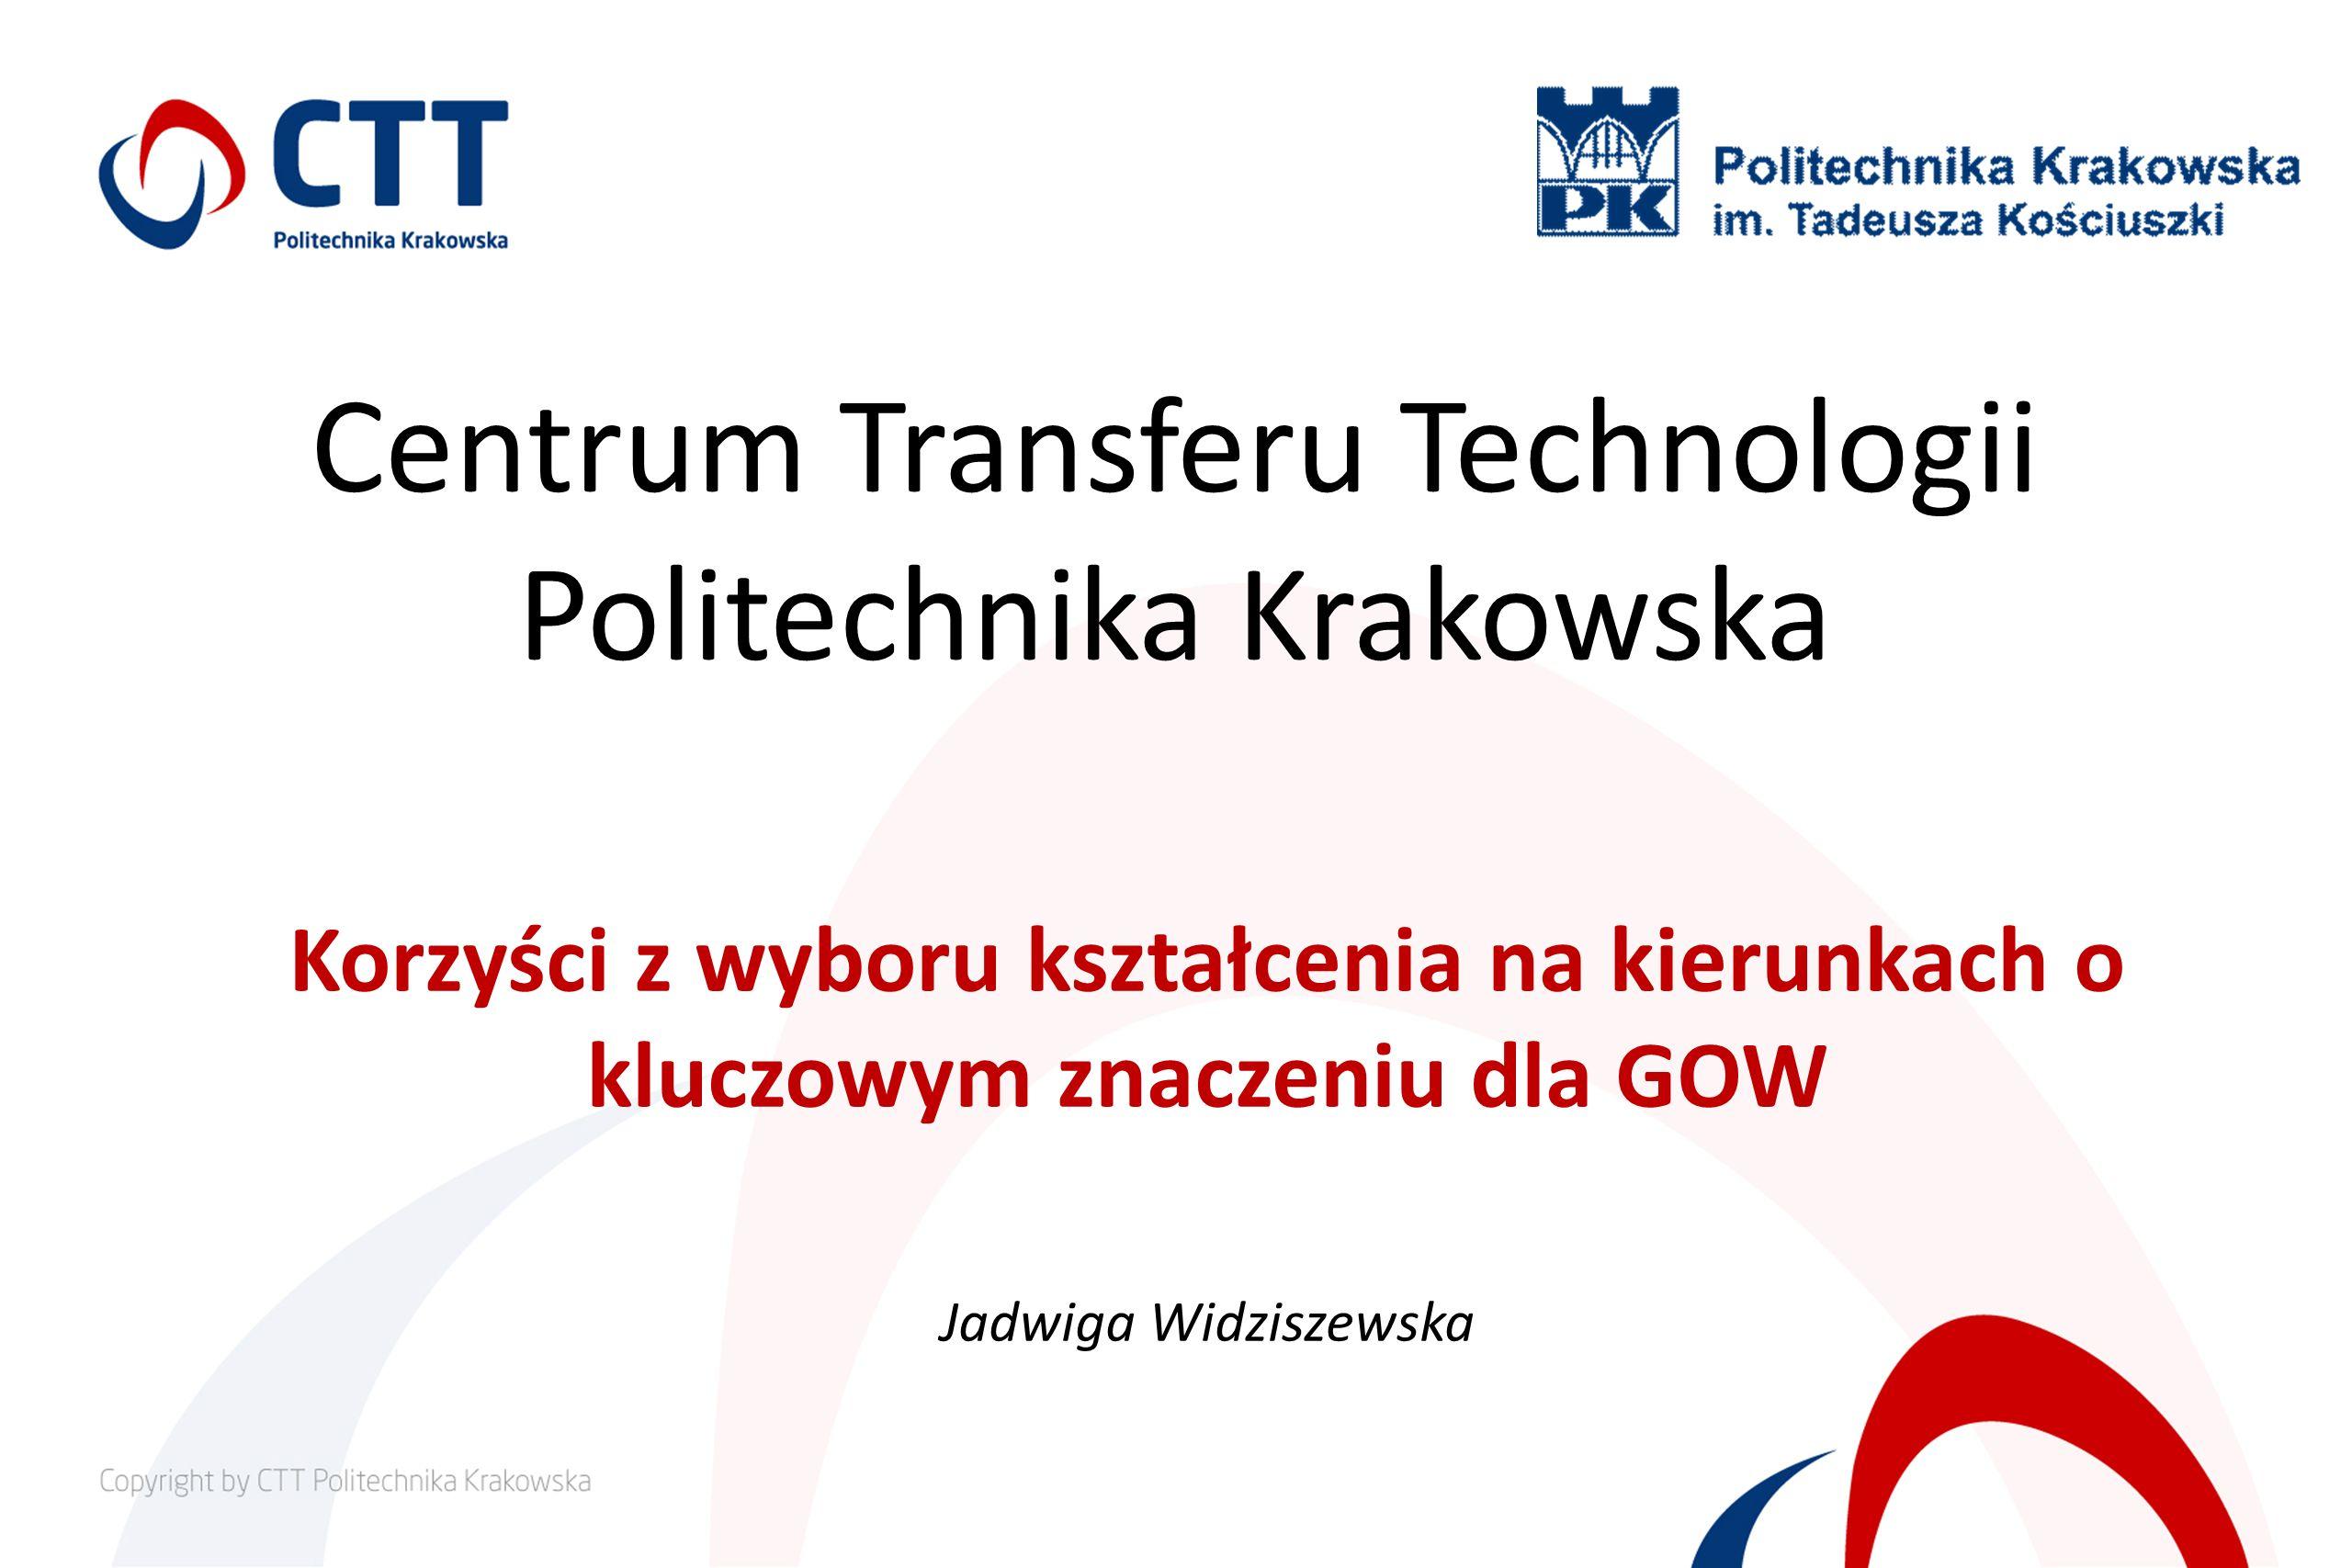 Centrum Transferu Technologii Politechnika Krakowska Korzyści z wyboru kształcenia na kierunkach o kluczowym znaczeniu dla GOW Jadwiga Widziszewska